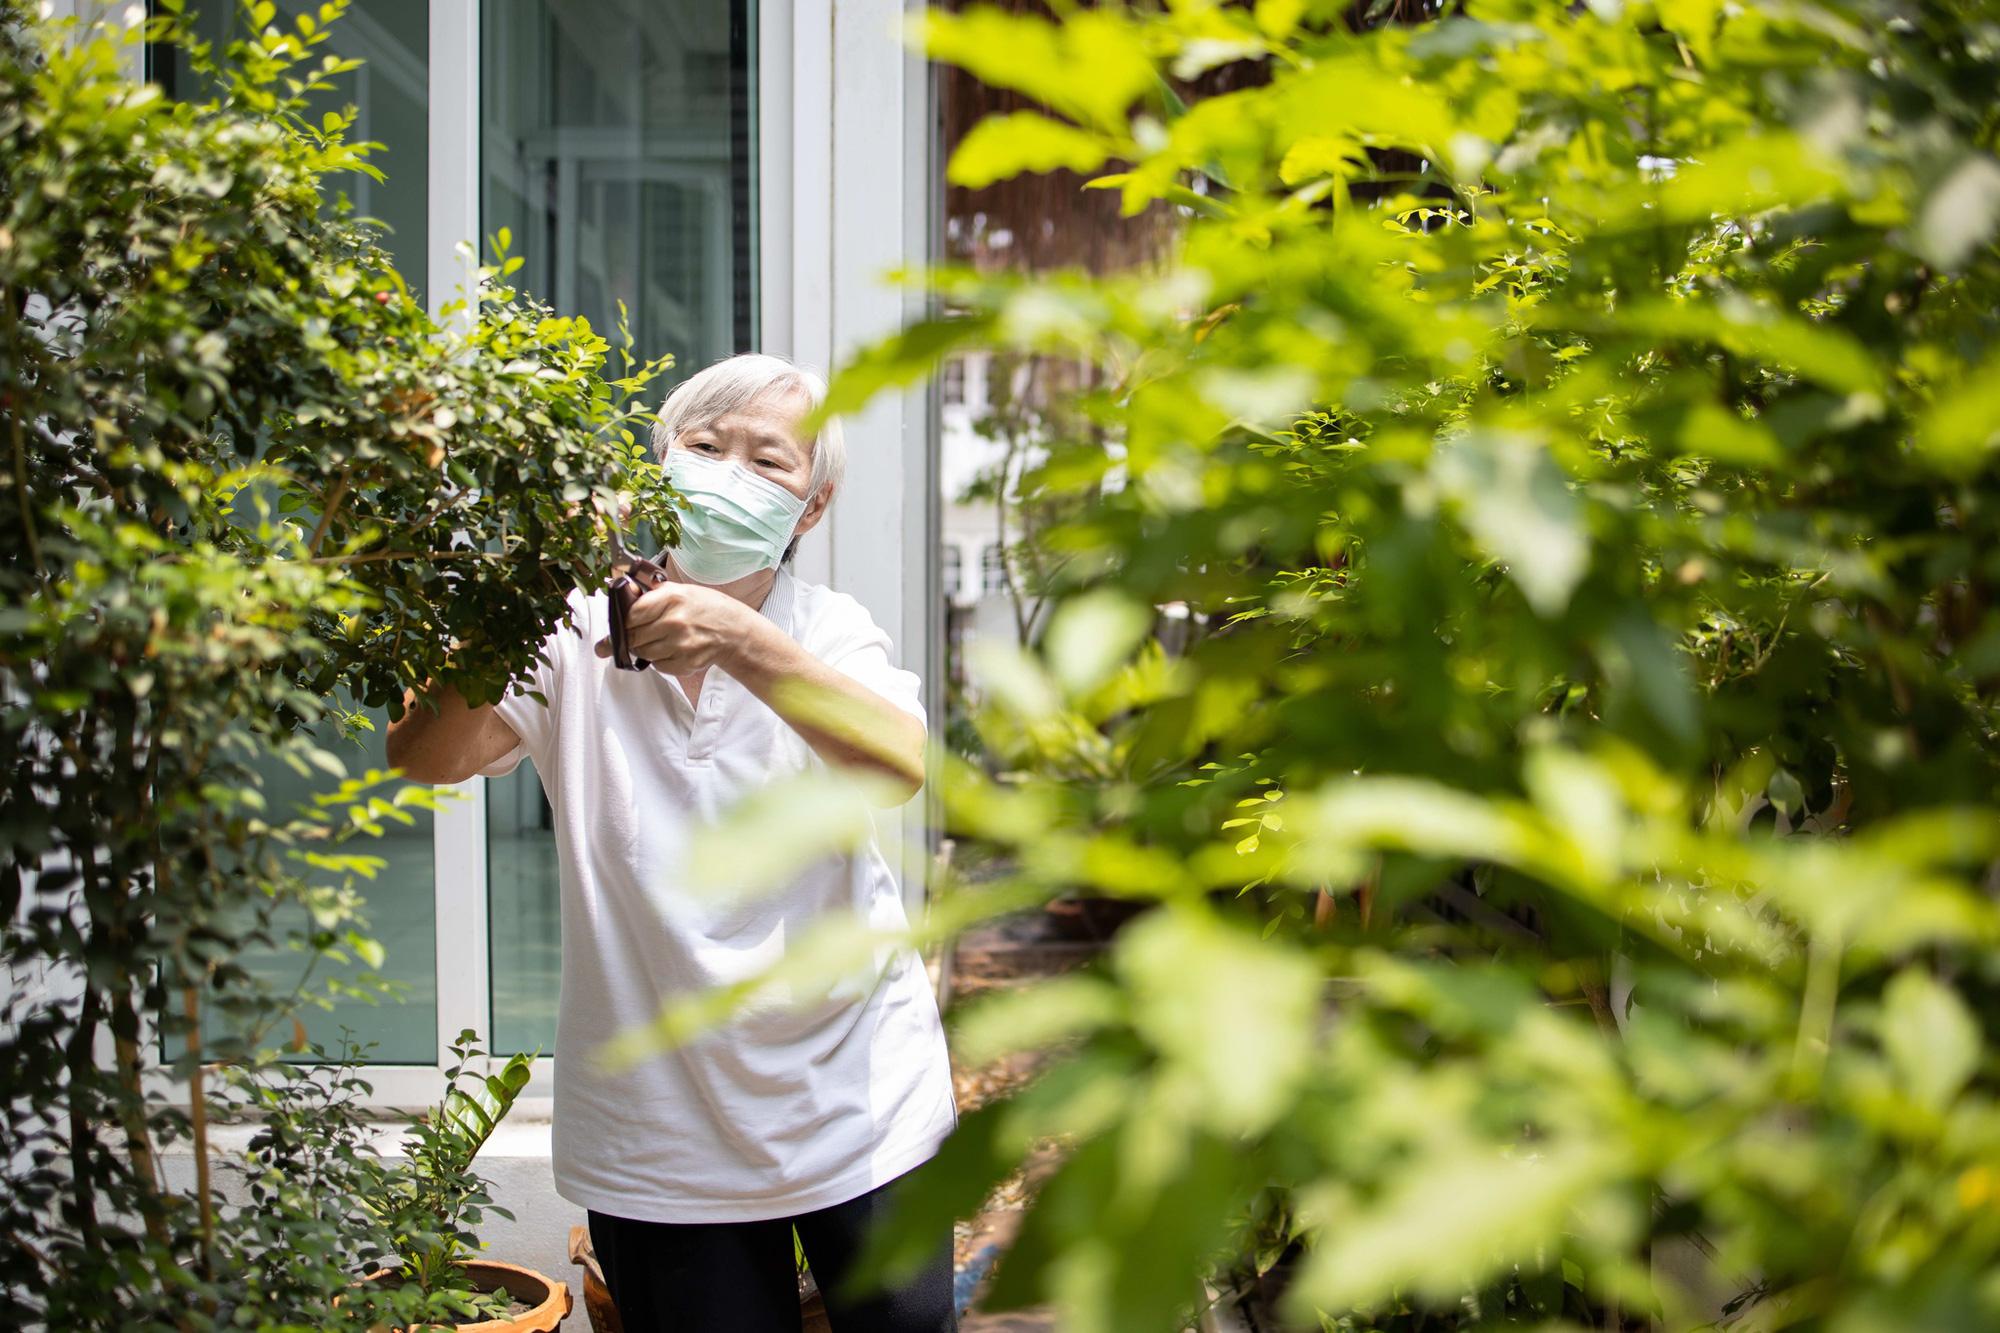 Chăm sóc người cao tuổi tại nhà trong dịch COVID-19 - Ảnh 1.